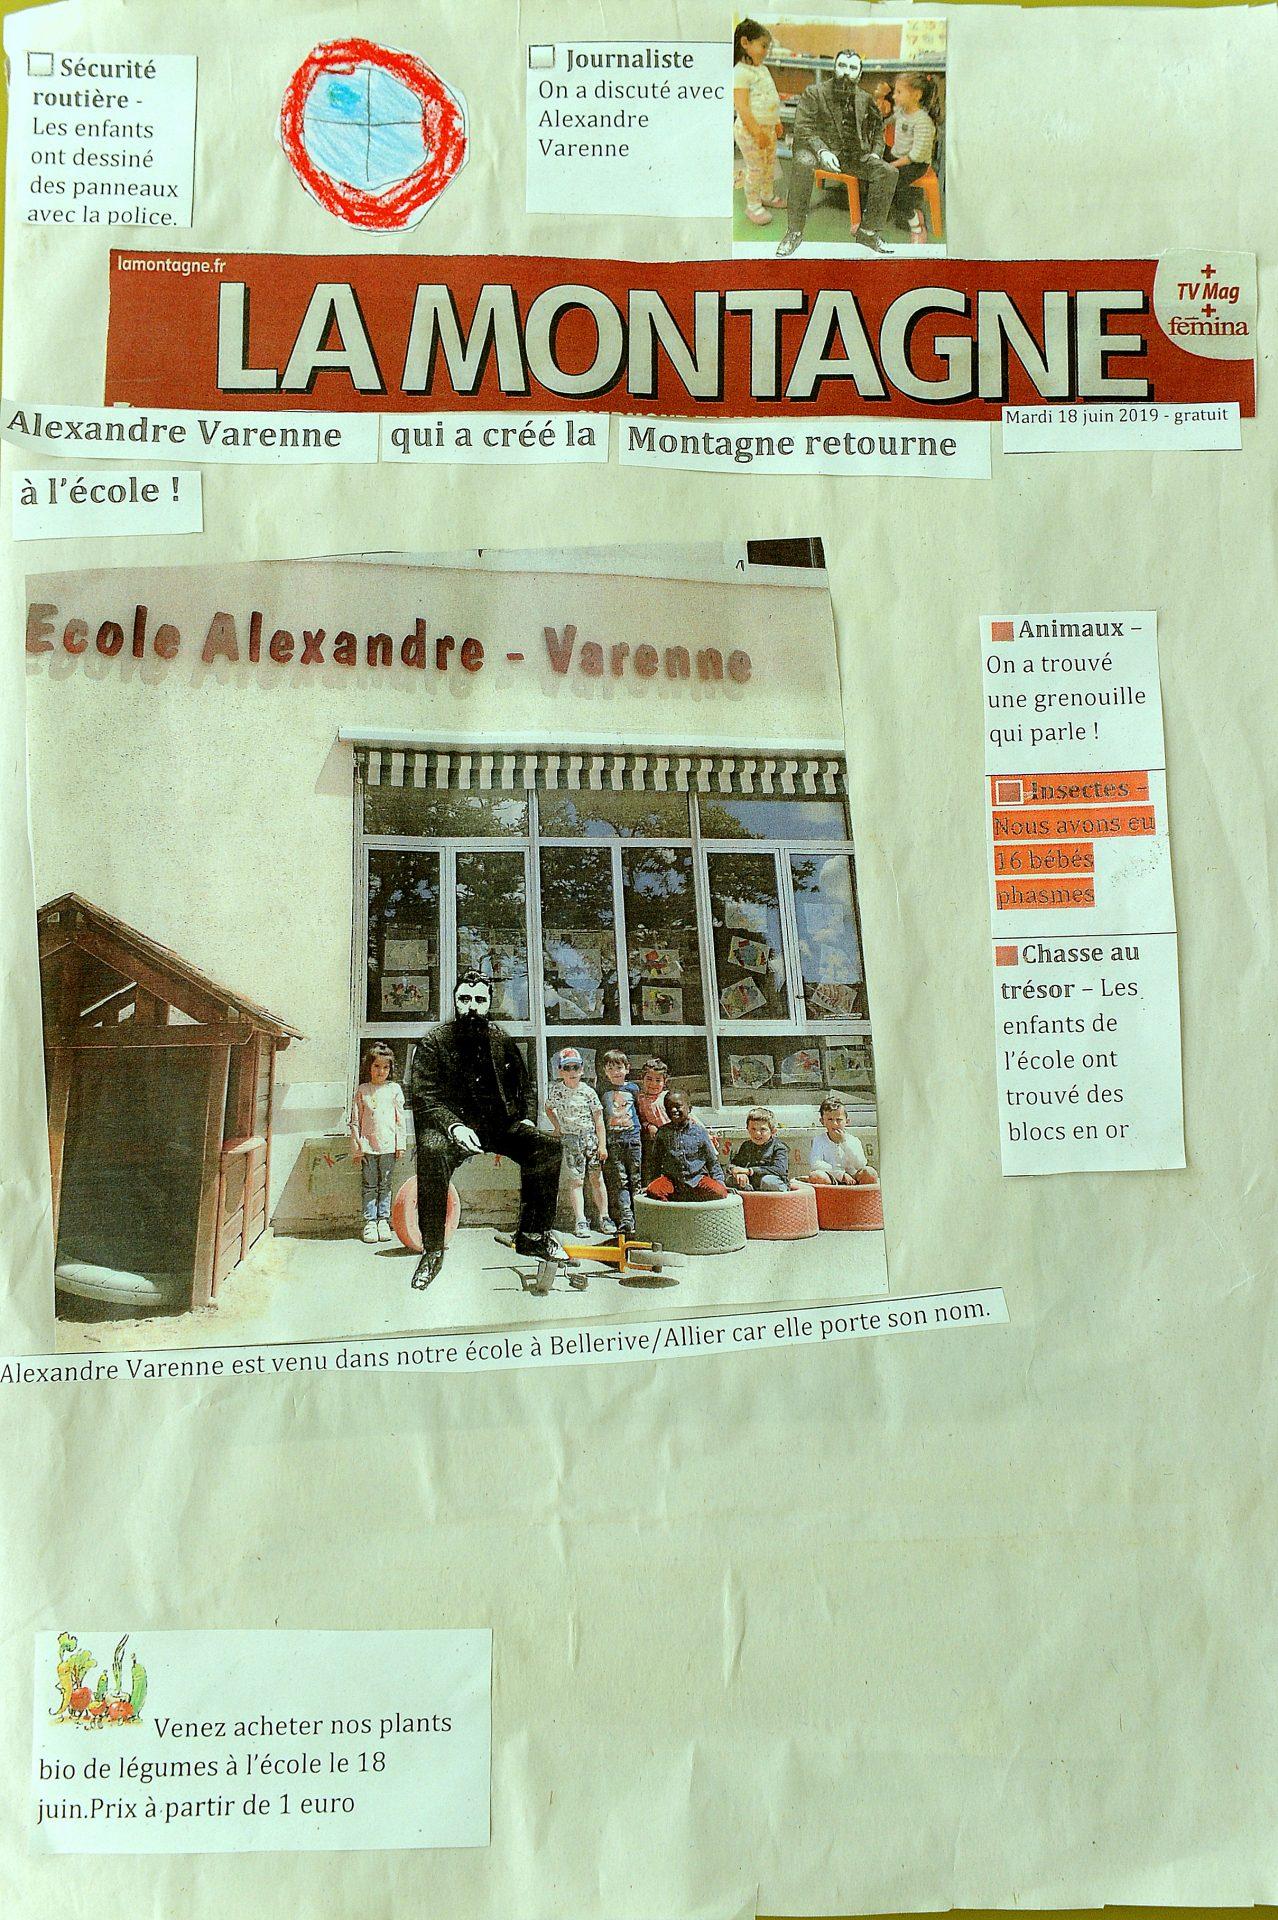 Le Journal réalisé par les enfants sur  la vie d'Alexandre Varenne réalisé par les élèves de l'école Alexandre Varenne à Bellerive-sur-Alllier.